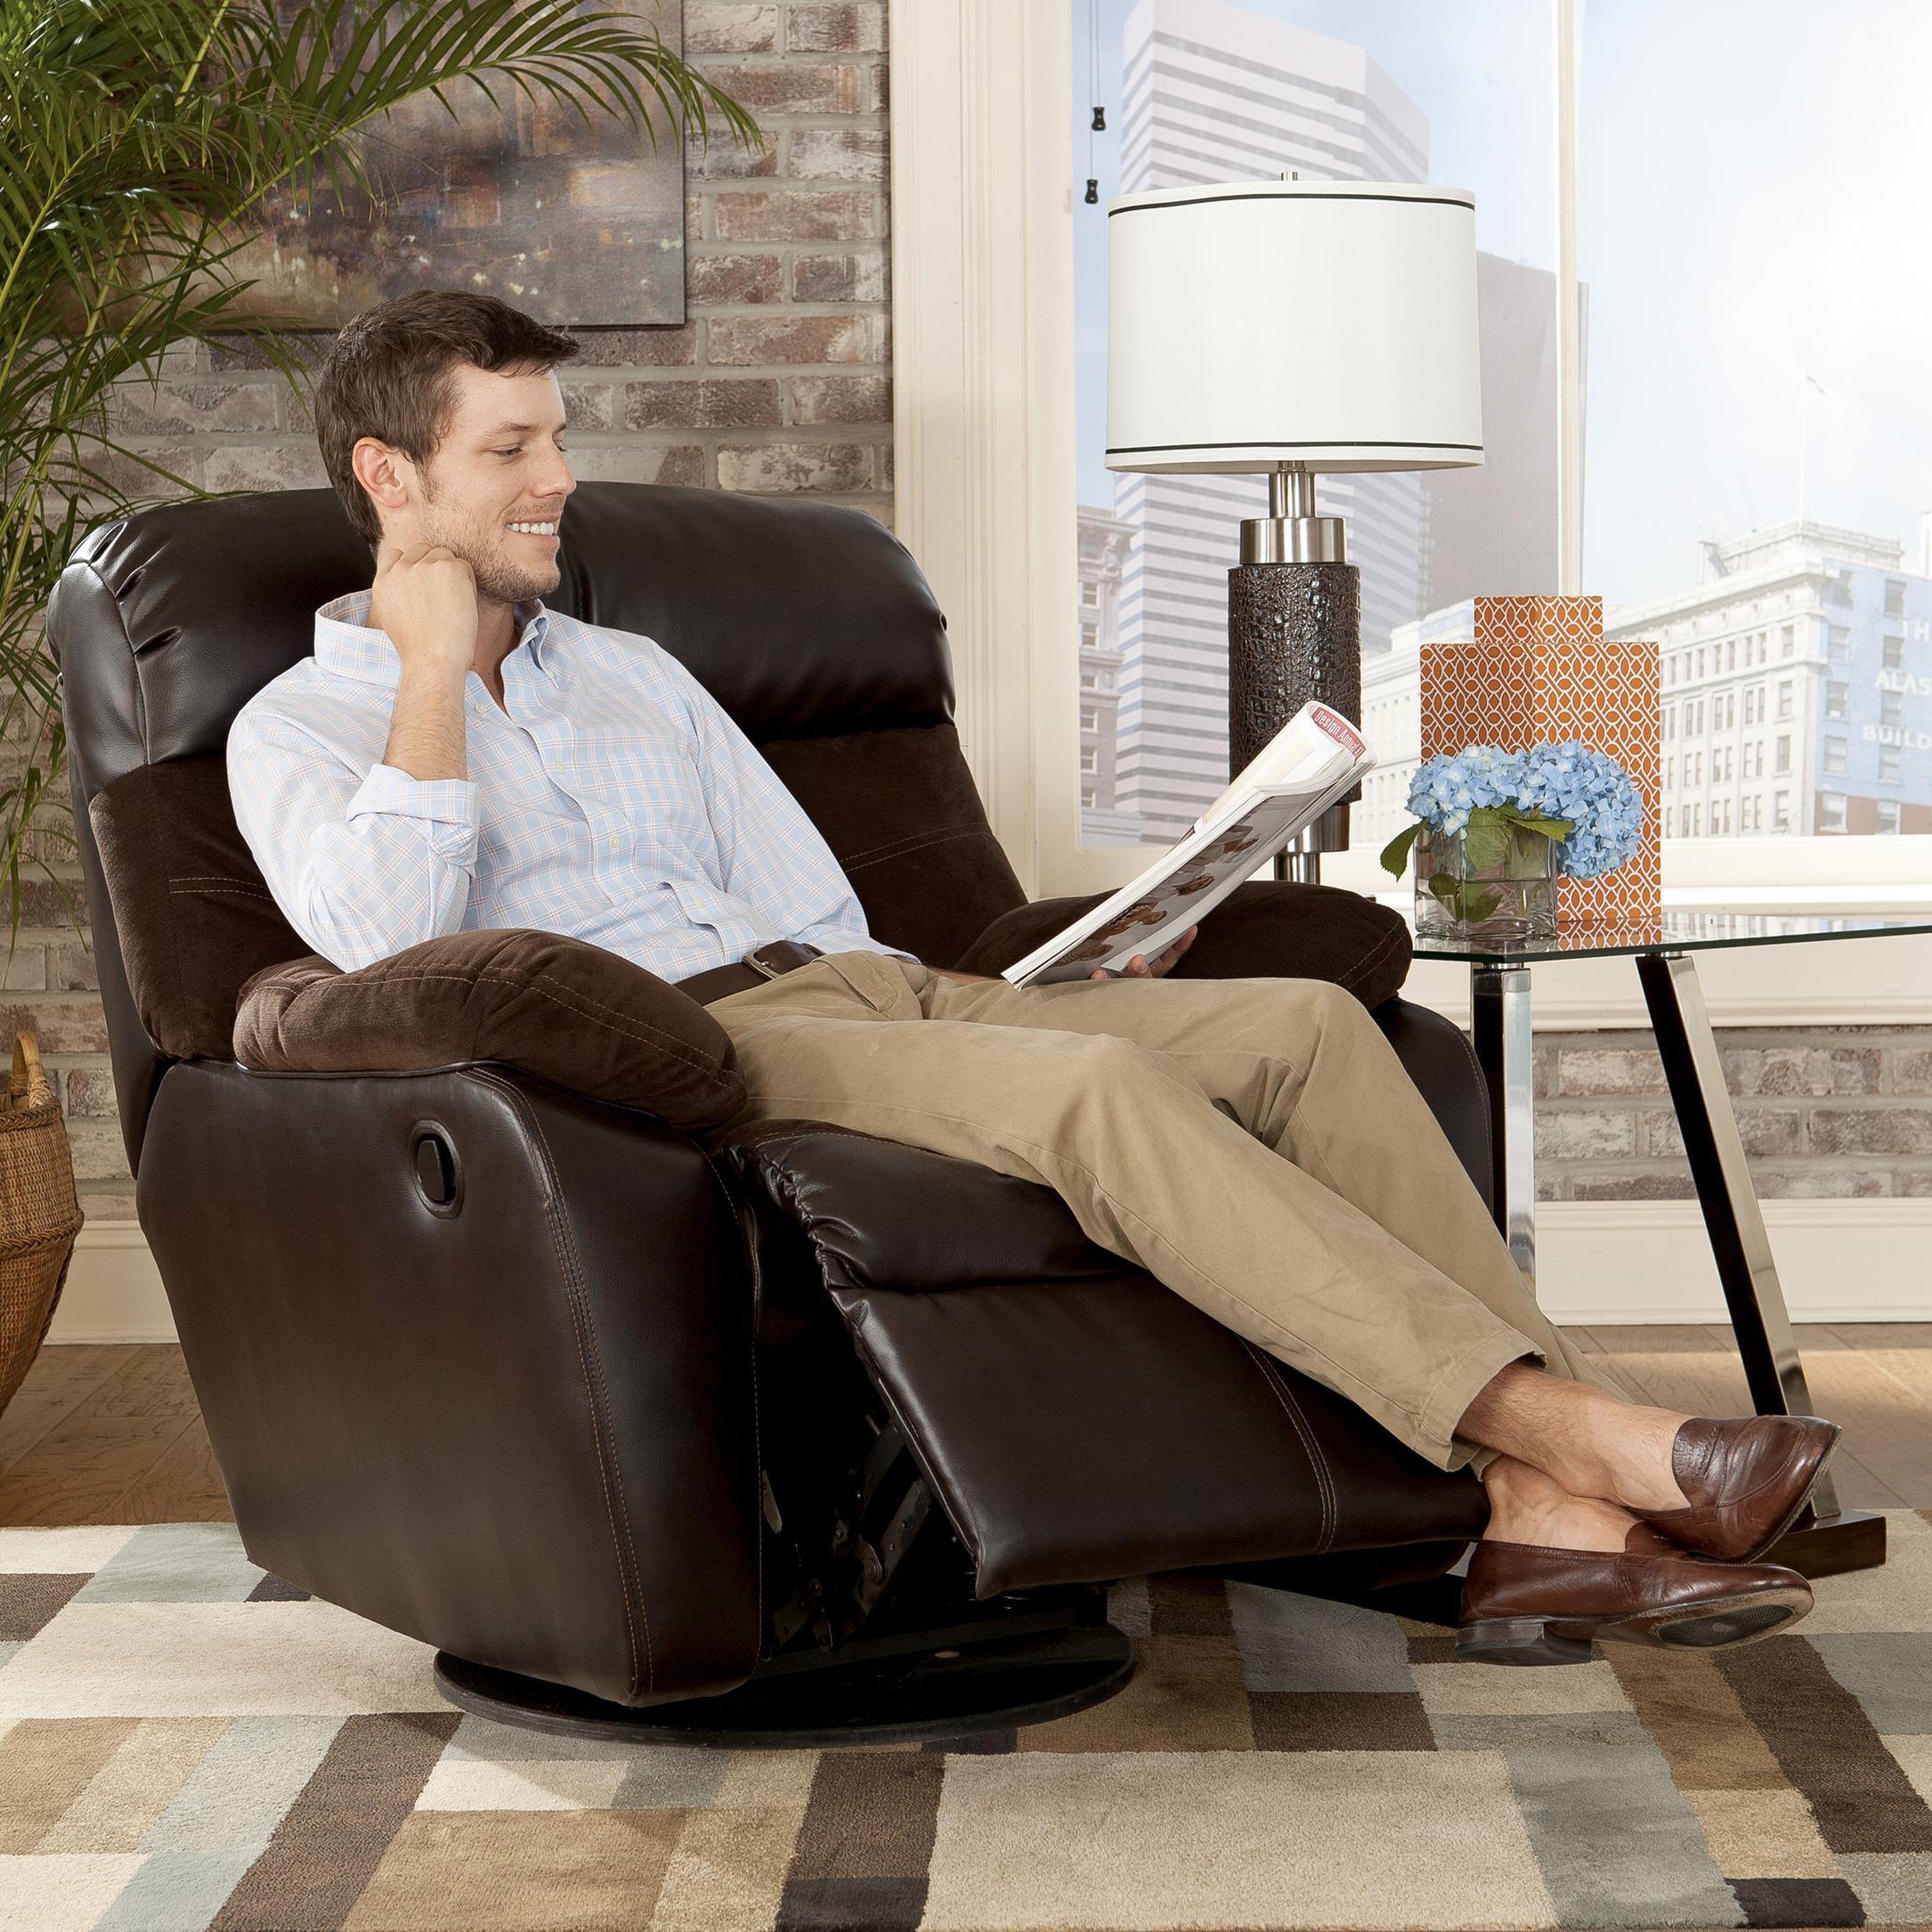 Muebles para la relajaci n en el hogar - Relajacion en casa ...